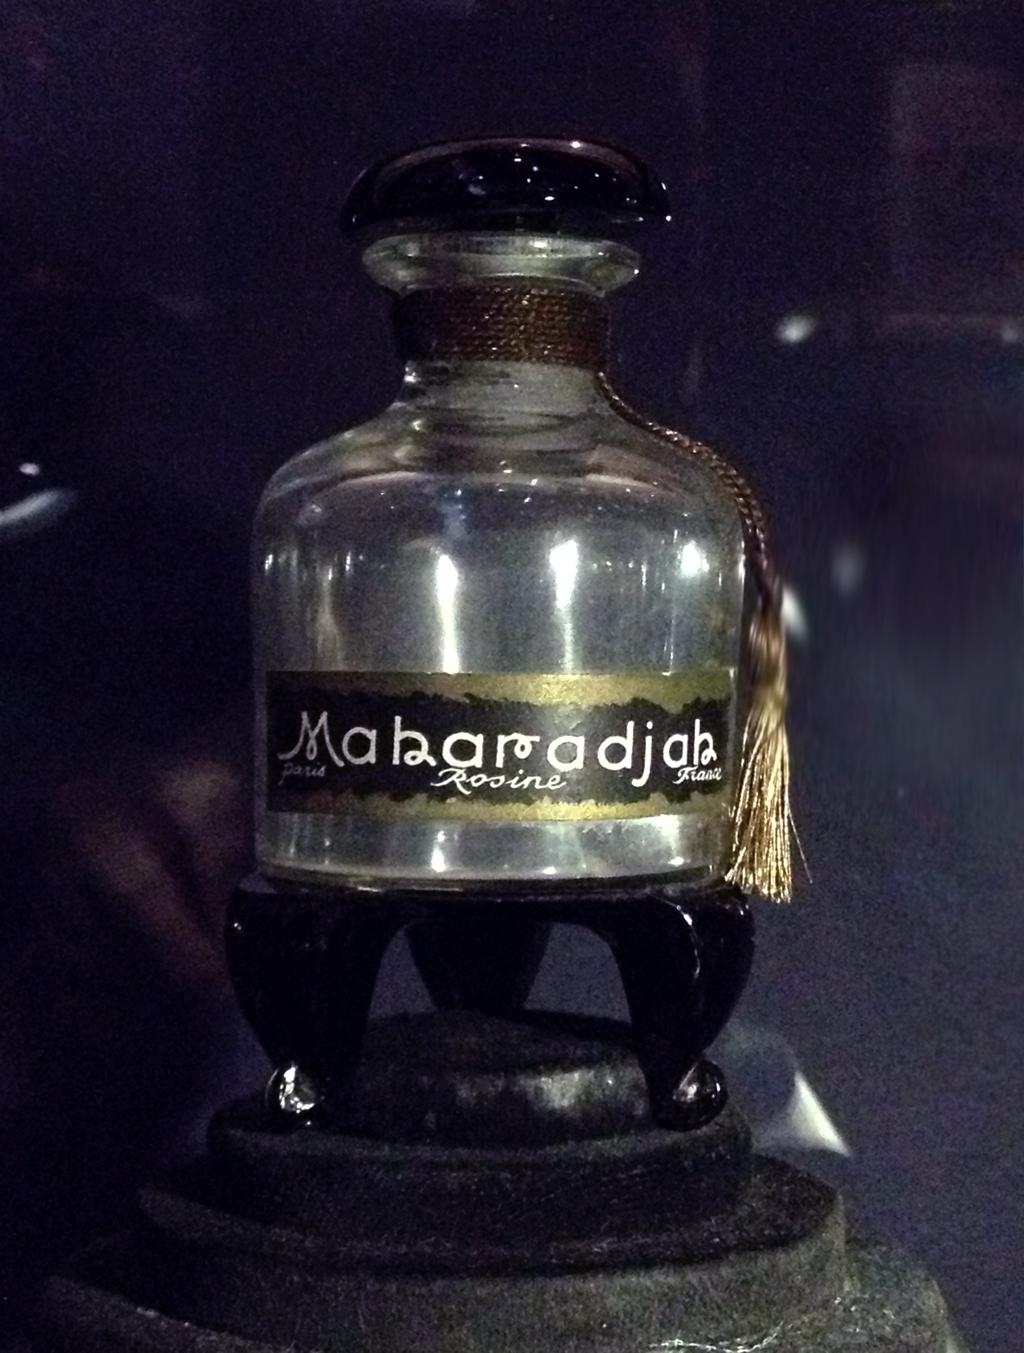 Maharadjah (1919) was named after Edouard de Max play.